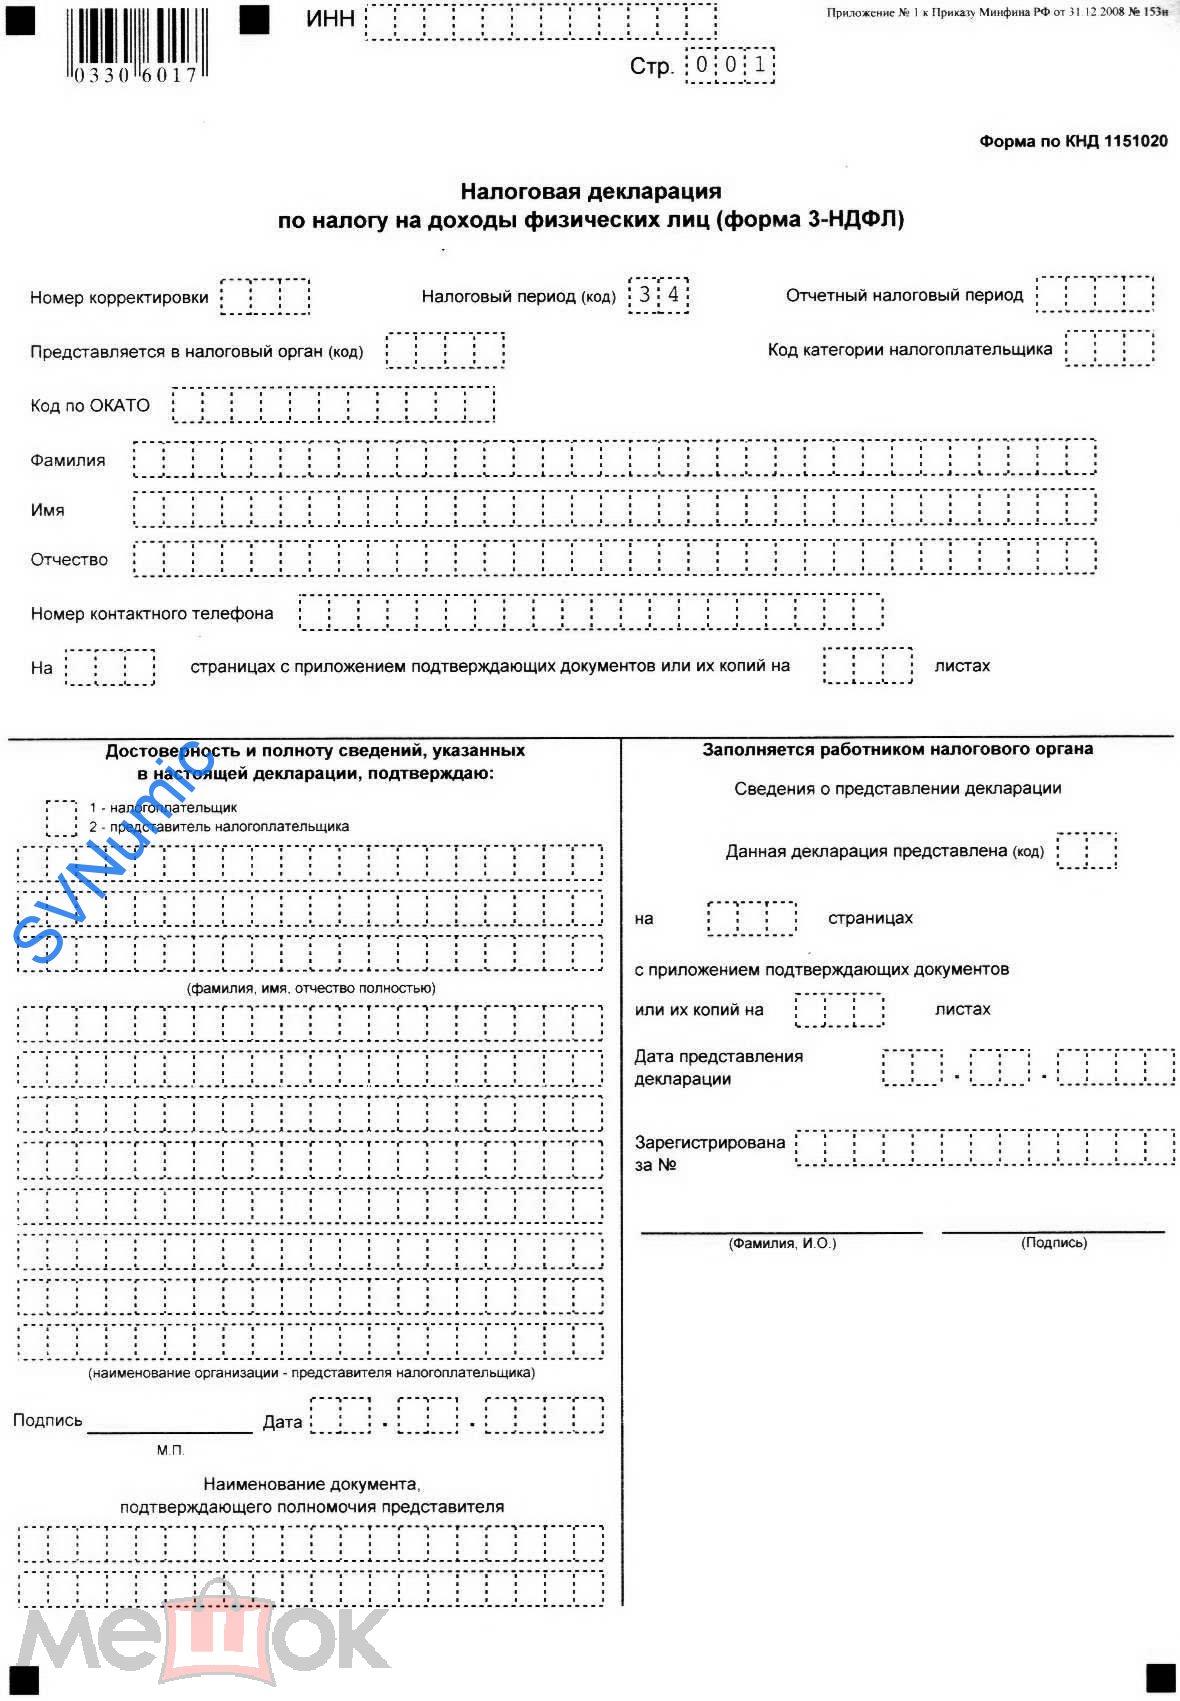 Бухгалтерские услуги 3-НДФЛ  (Имyщecтвeнный вычeт, вычет за лечение,обучение, Пpoдaжa имyщecтвa)